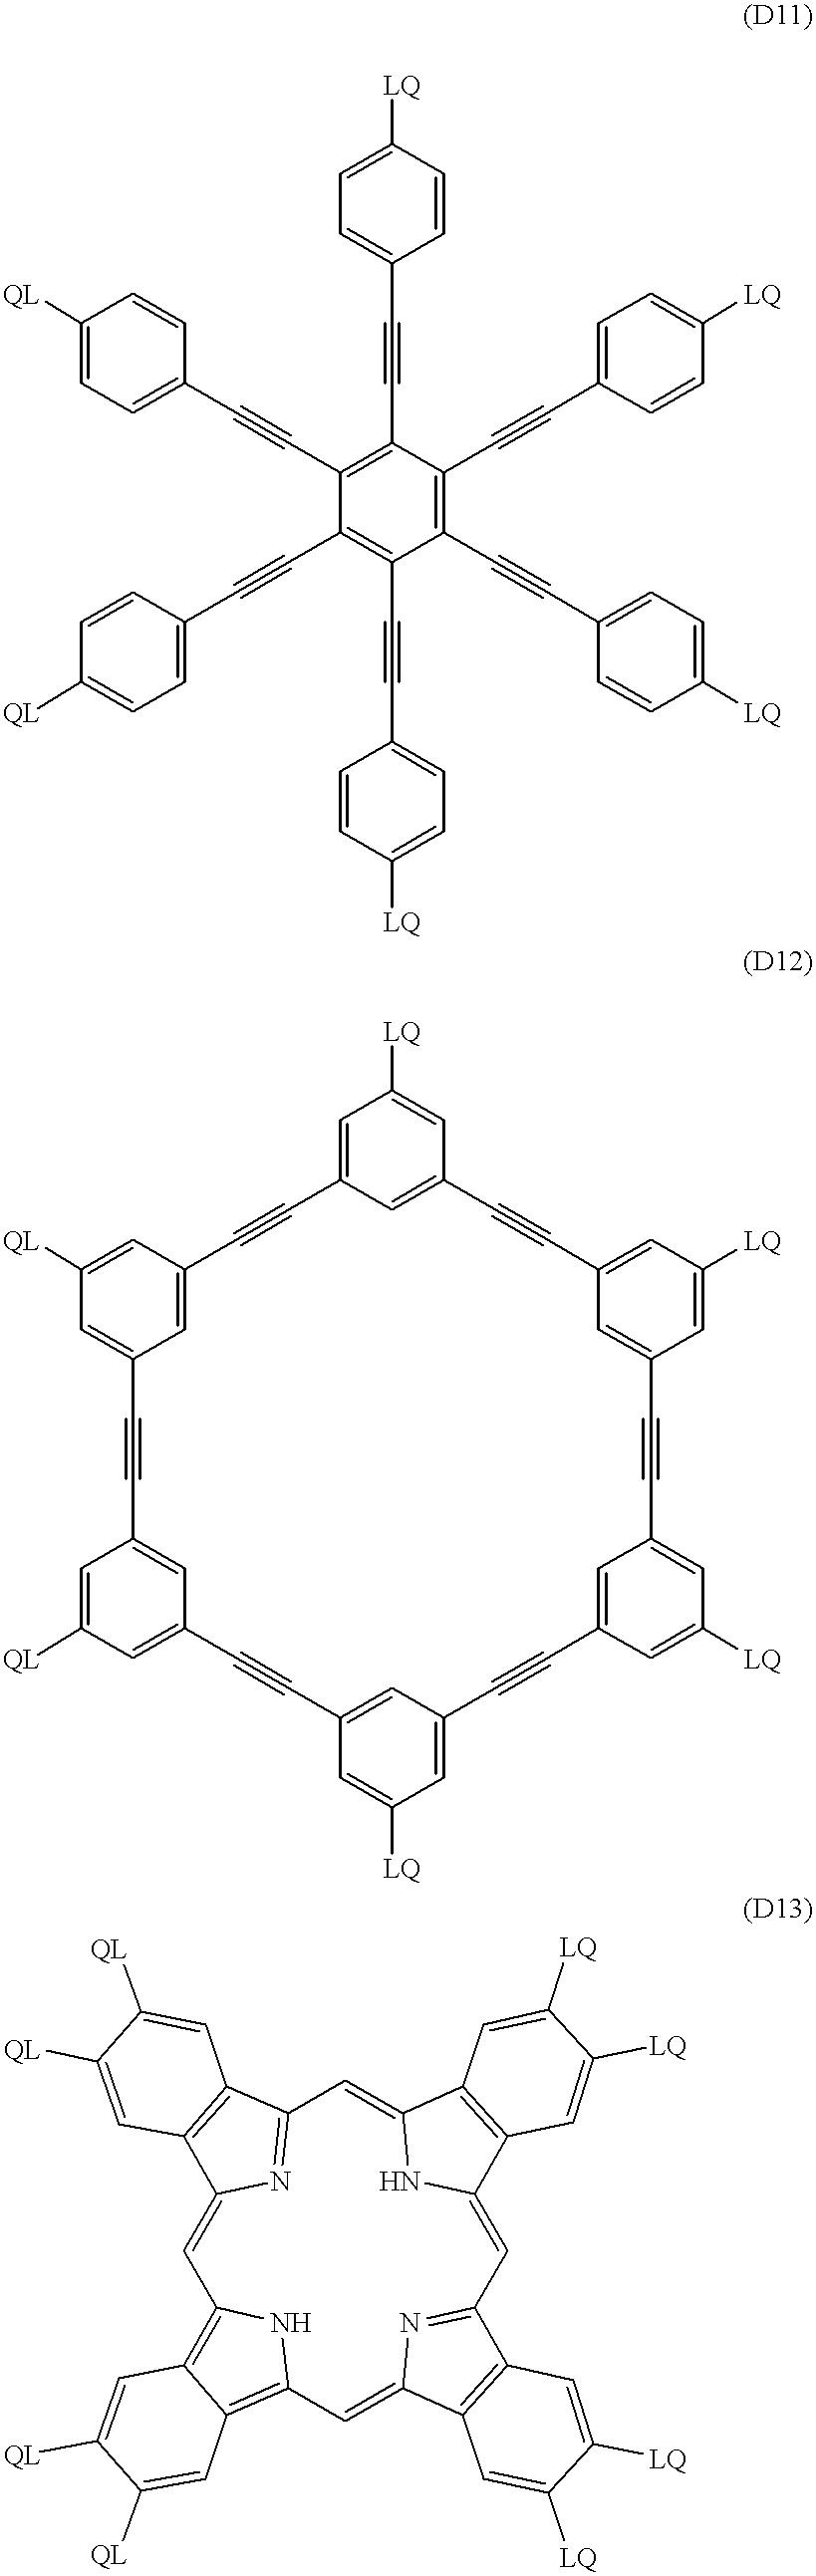 Figure US06400433-20020604-C00003